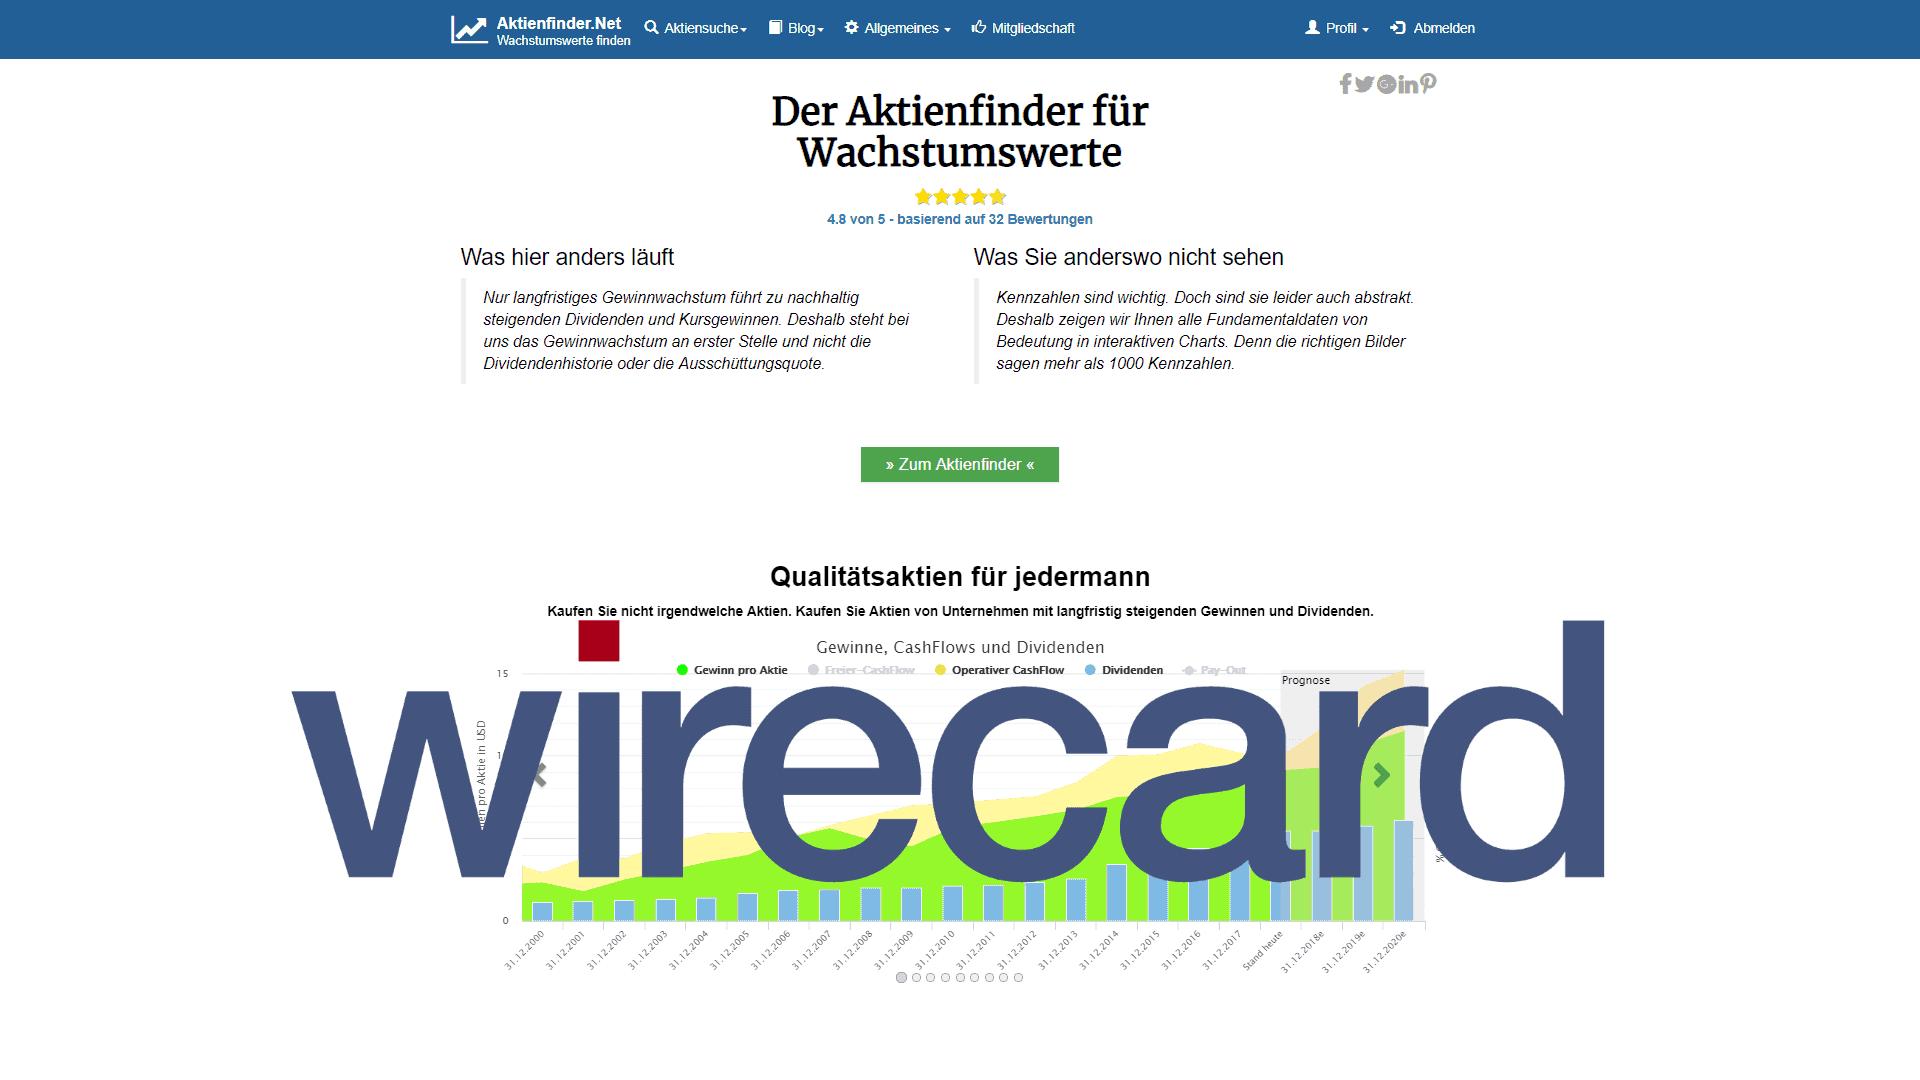 Wirecard Aktie: Kurssturz um 14%! Die wahren Gründe.